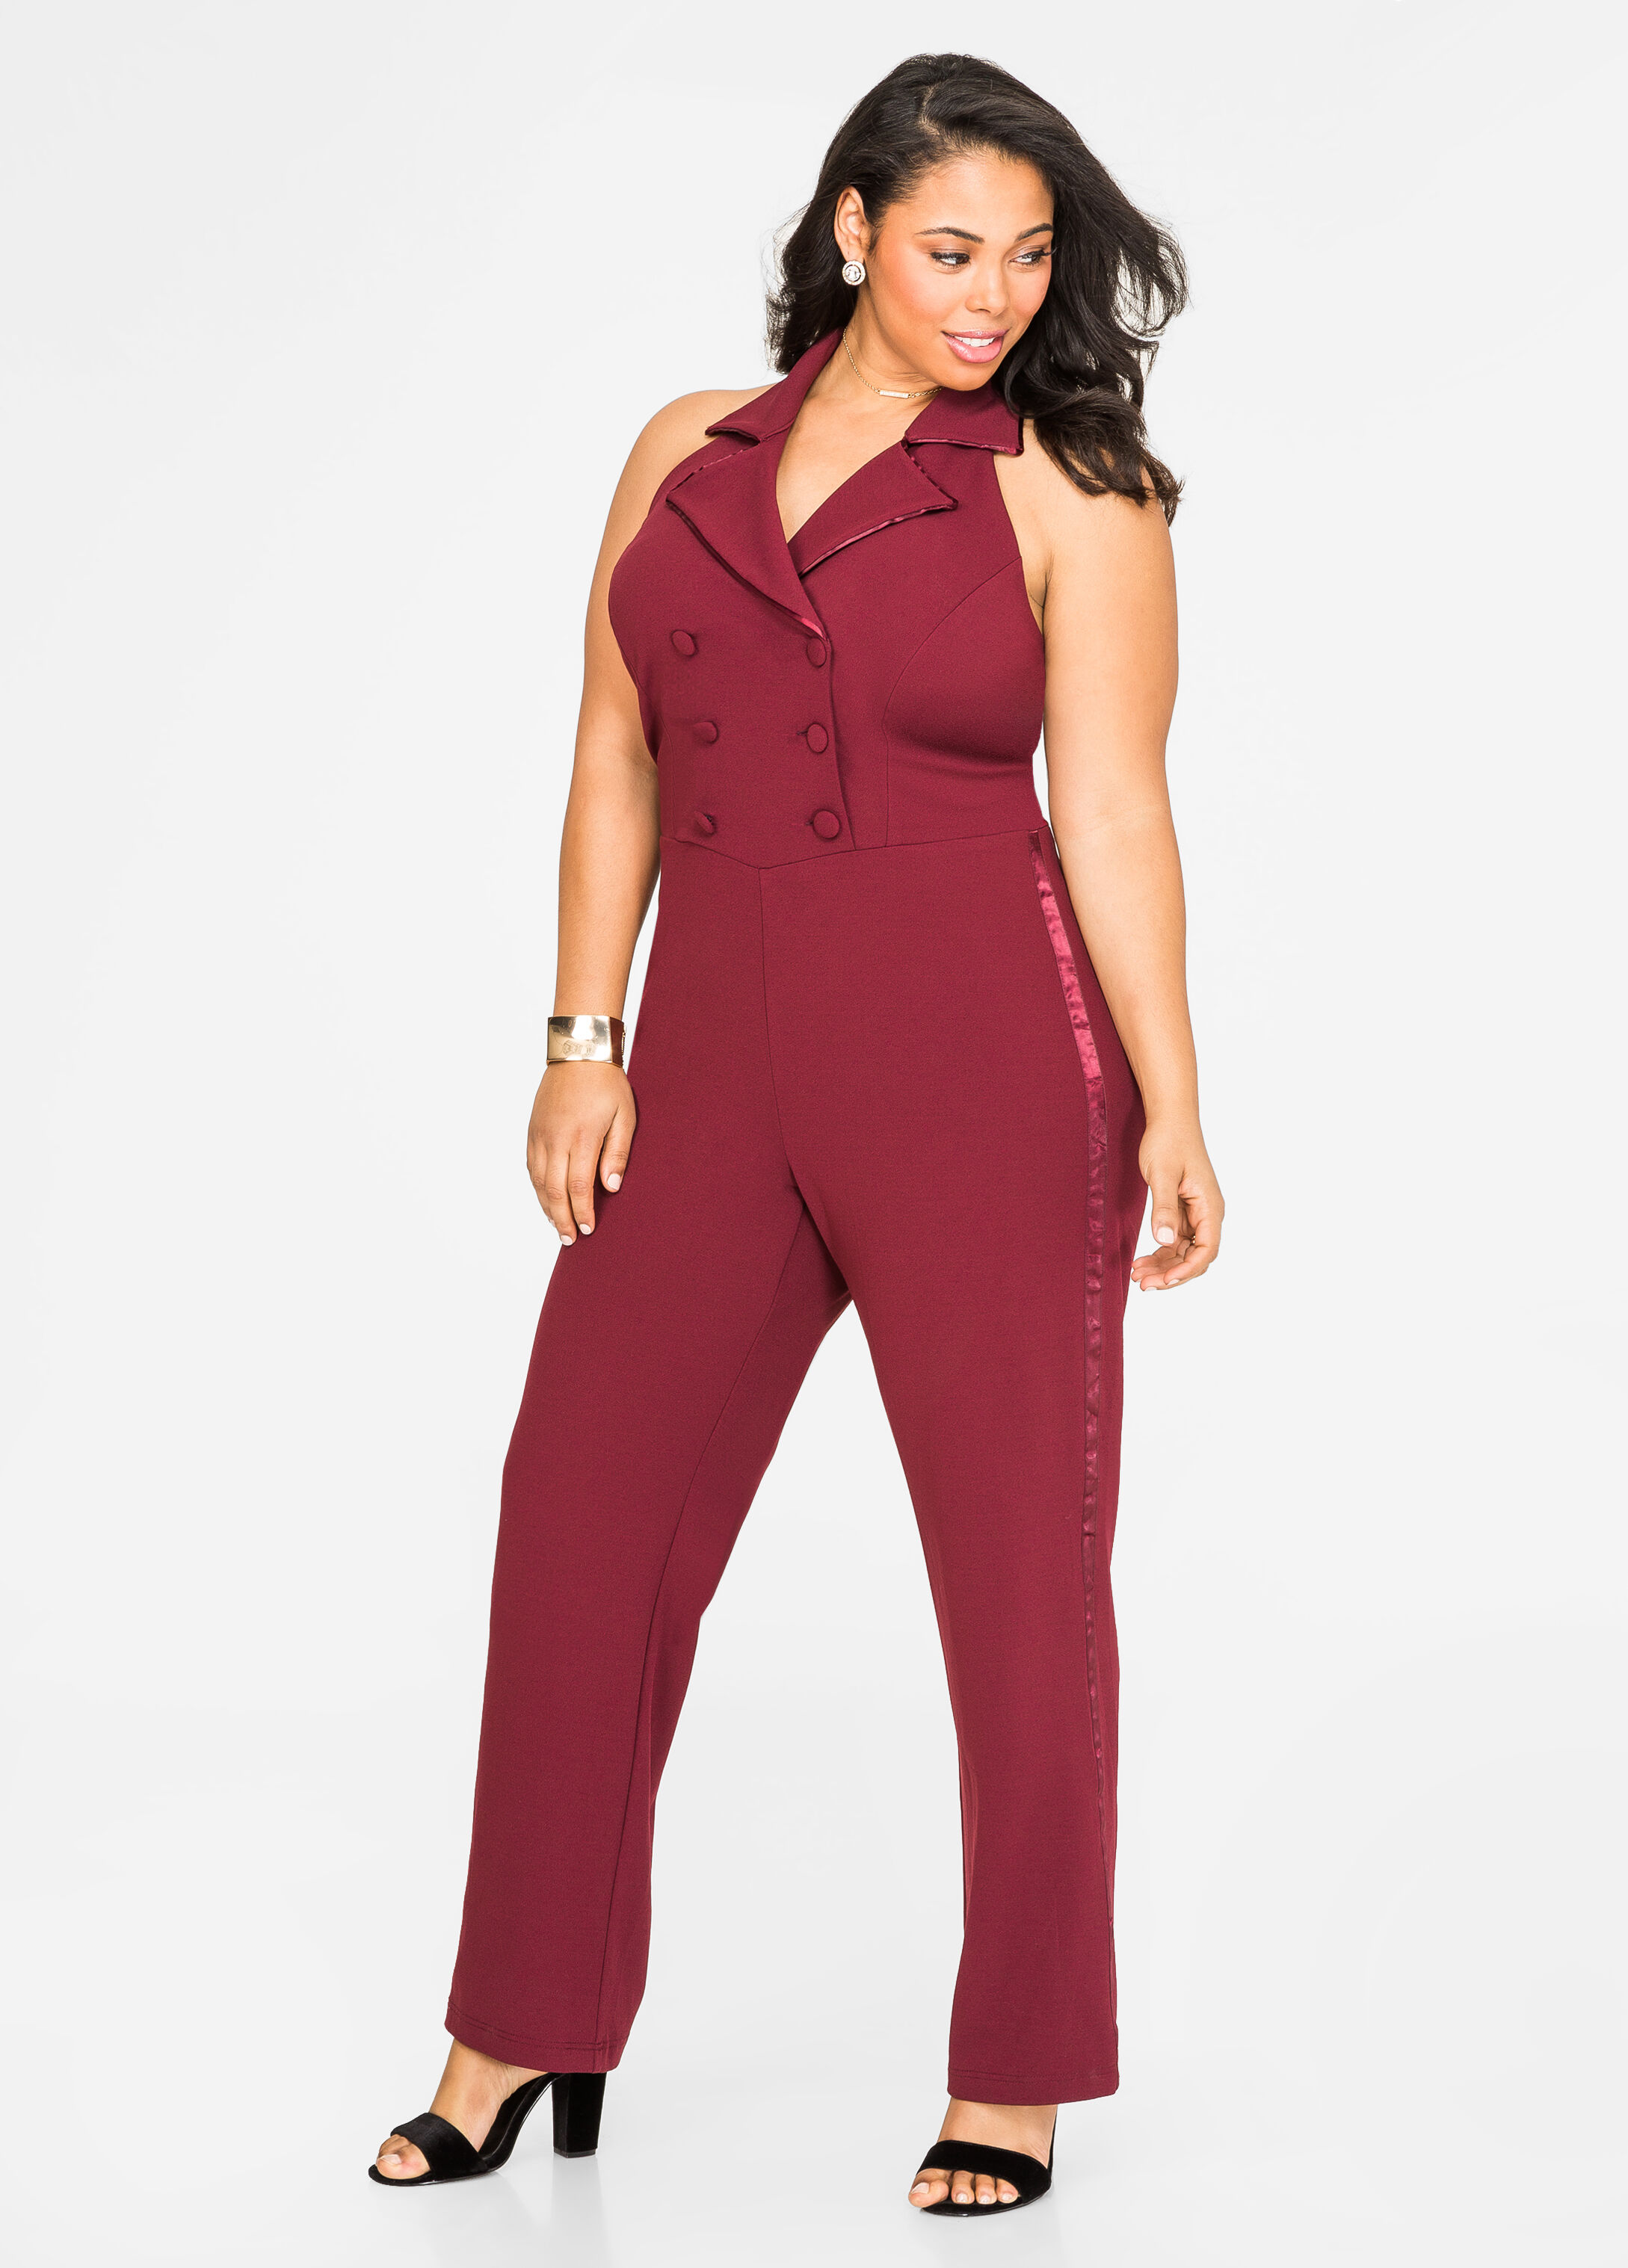 Plus Size Tuxedo Halter Jumpsuit-010-FTW368388